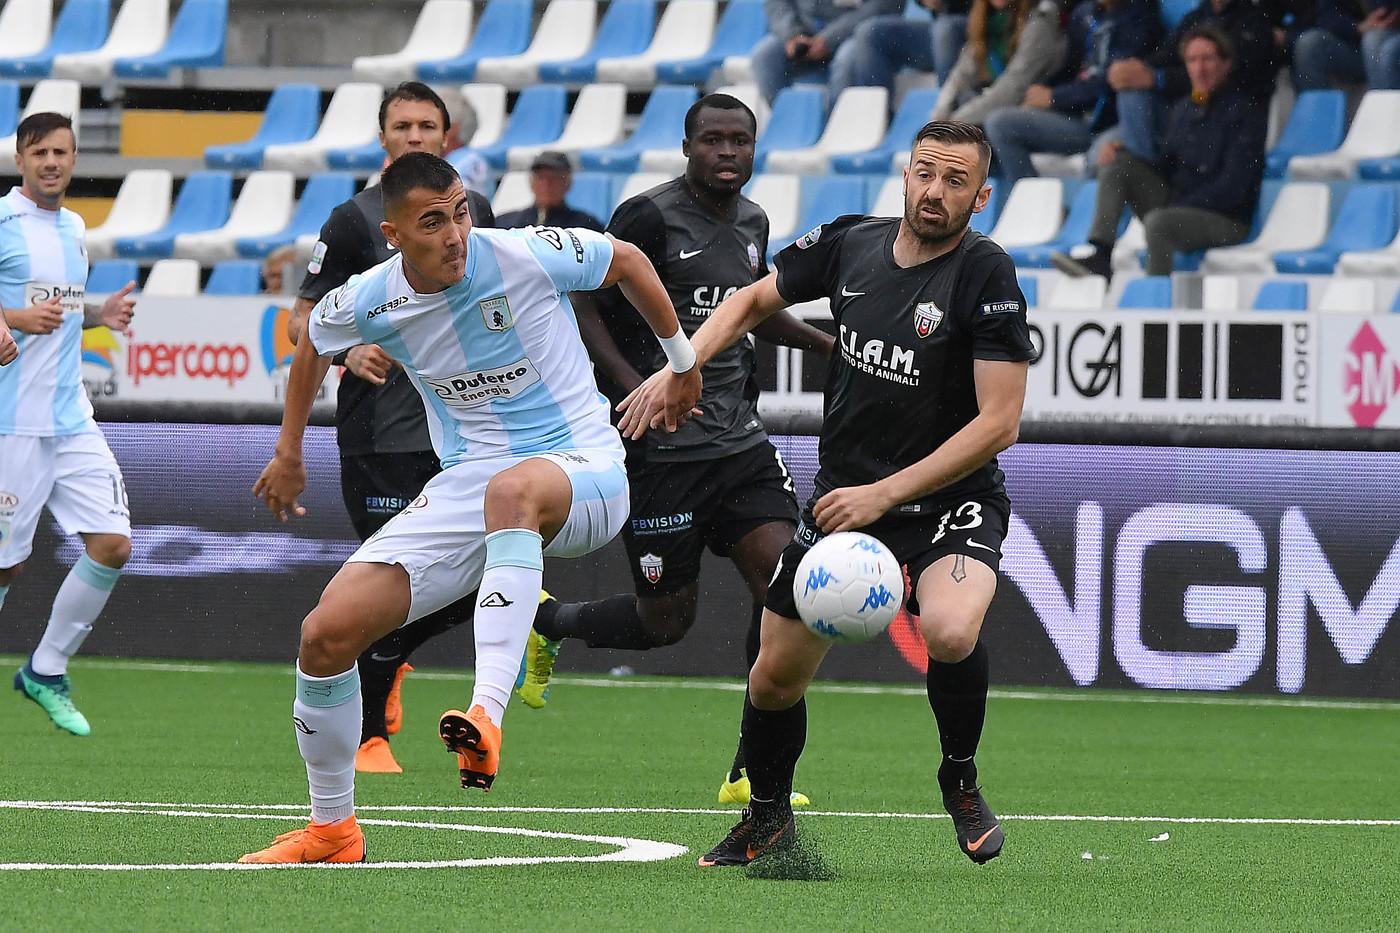 Serie C, Entella-Olbia 21 novembre: analisi e pronostico della giornata della terza divisione calcistica italiana